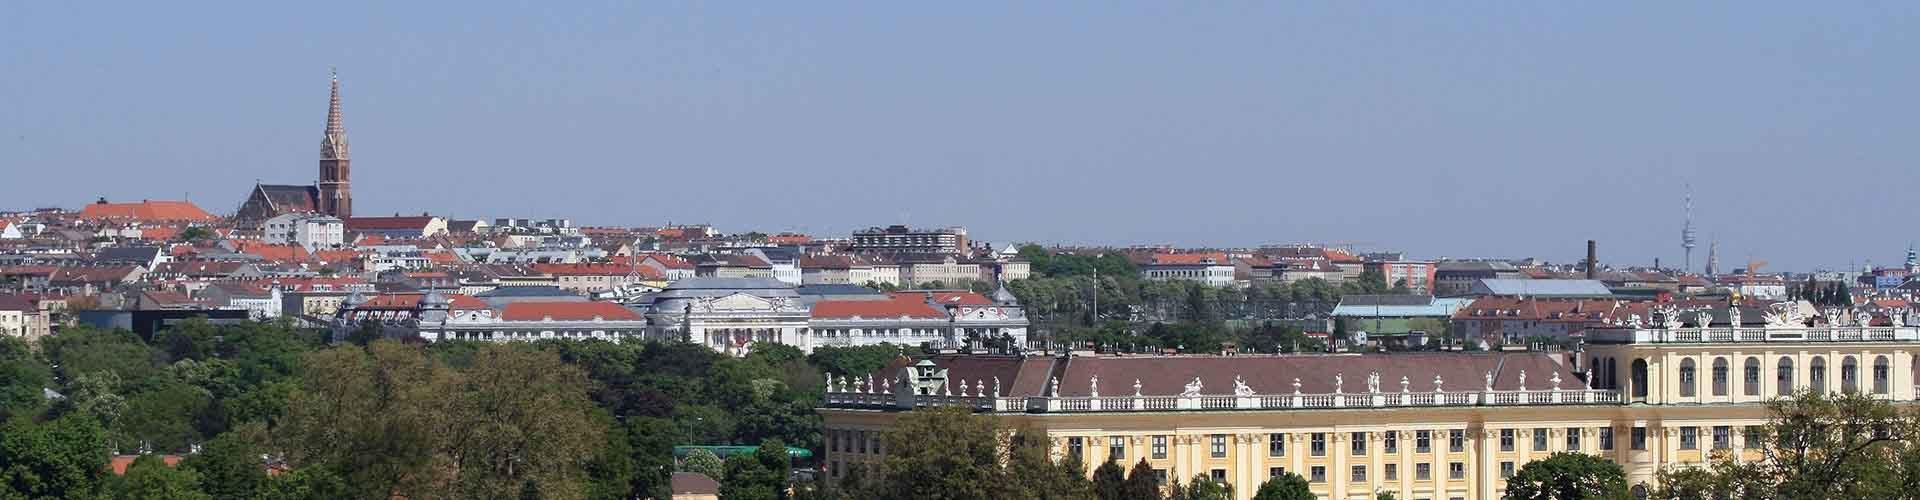 Viena – Hostels no bairro de Rudolfsheim-Fuenfhaus . Mapas para Viena, Fotos e Avaliações para cada Hostel em Viena.